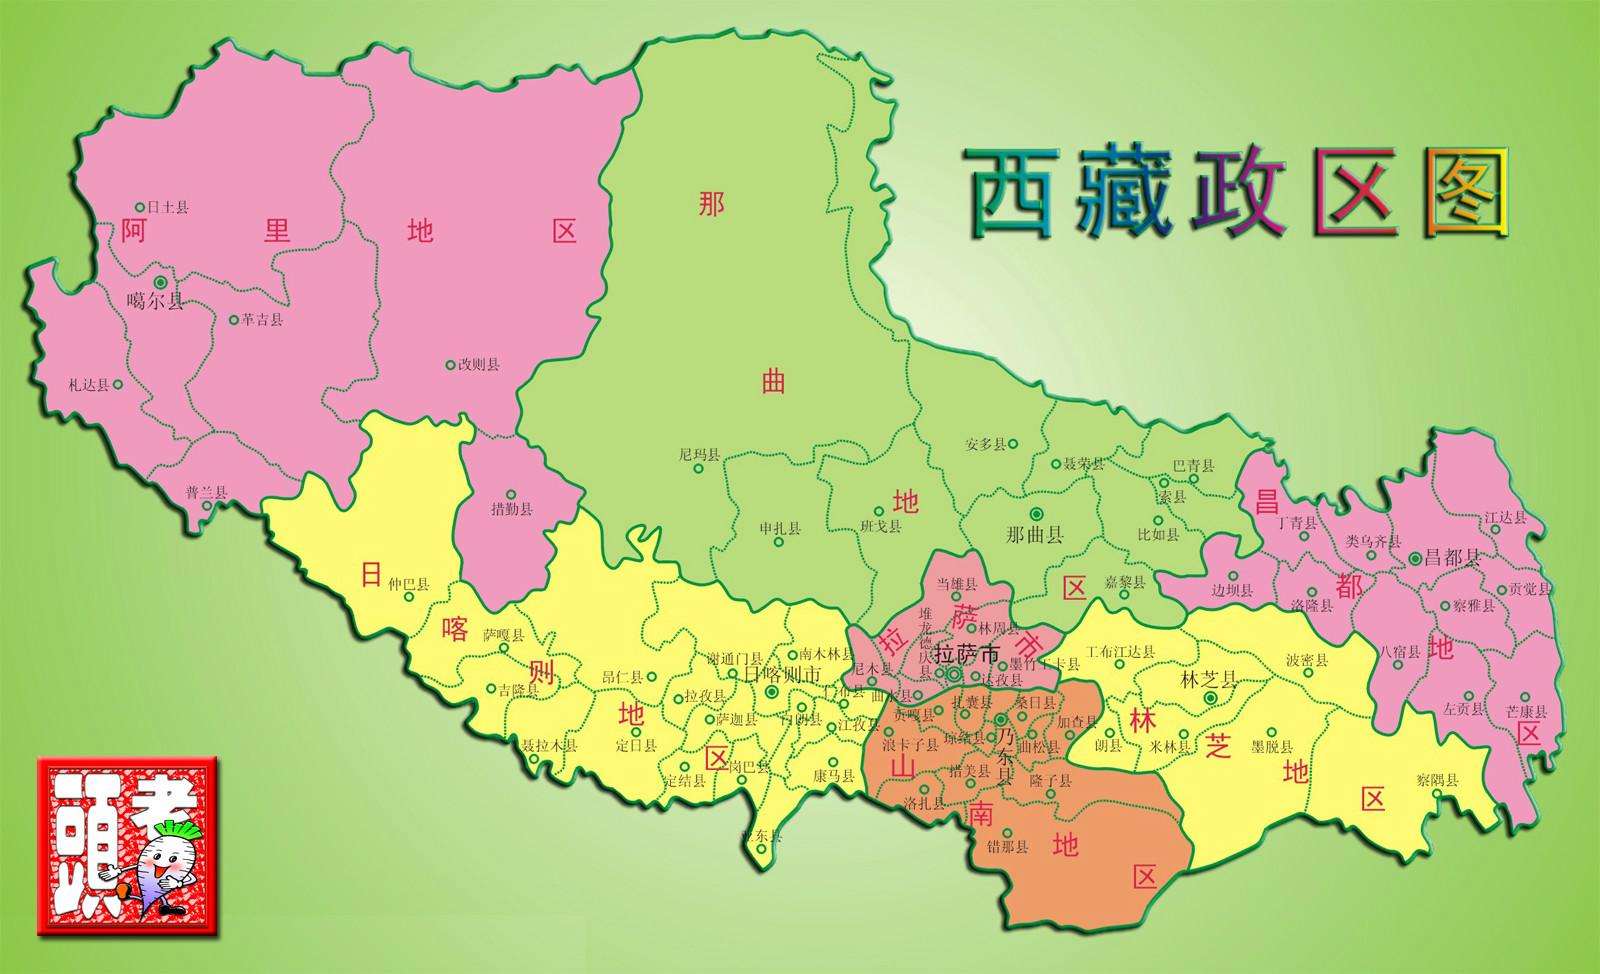 西藏行政区域图